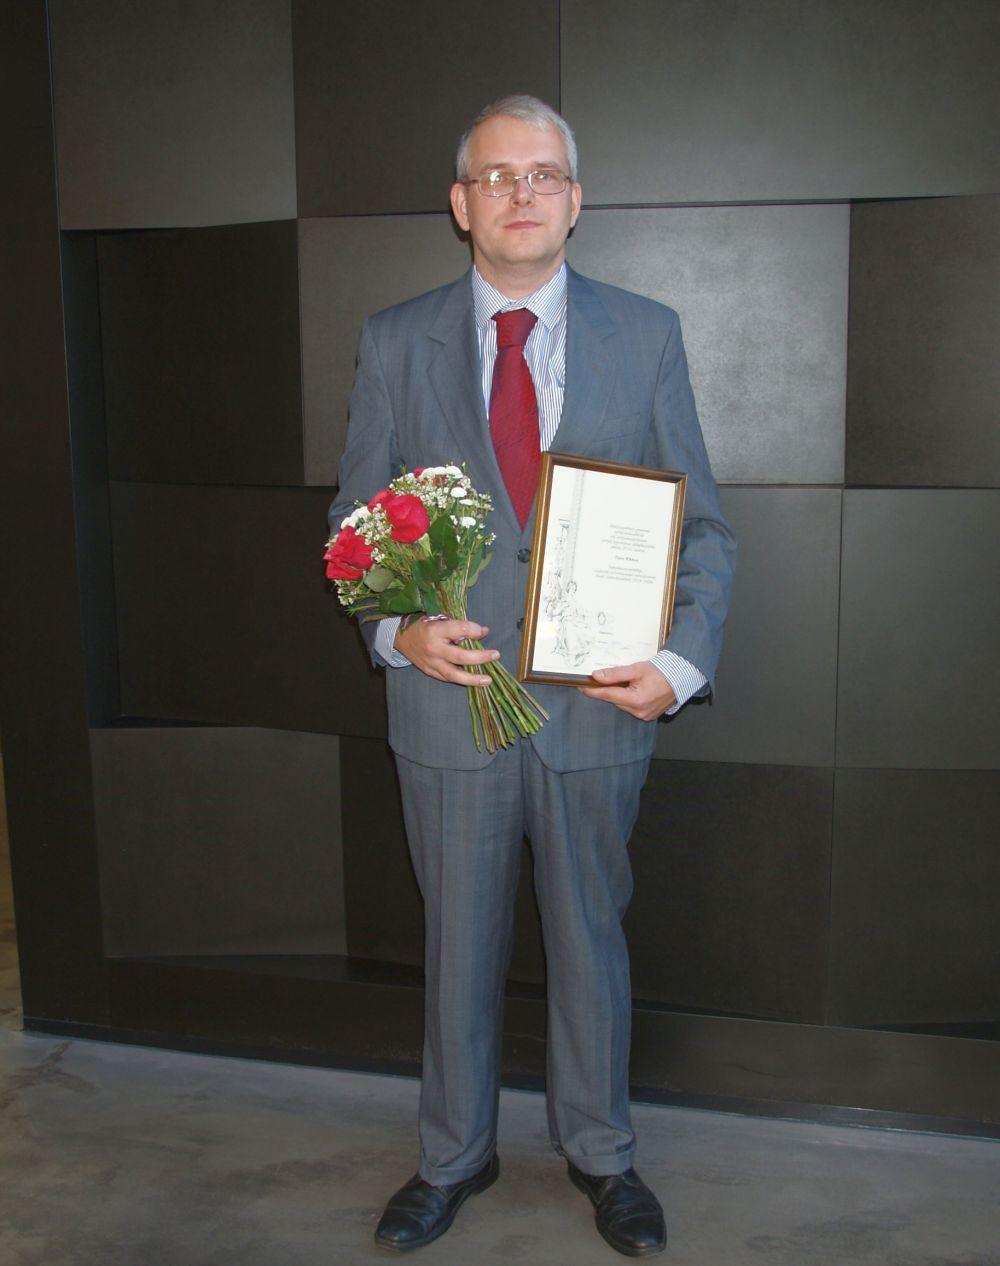 Rahvusarhiivi tudengipreemia võitja Toivo Kikkas